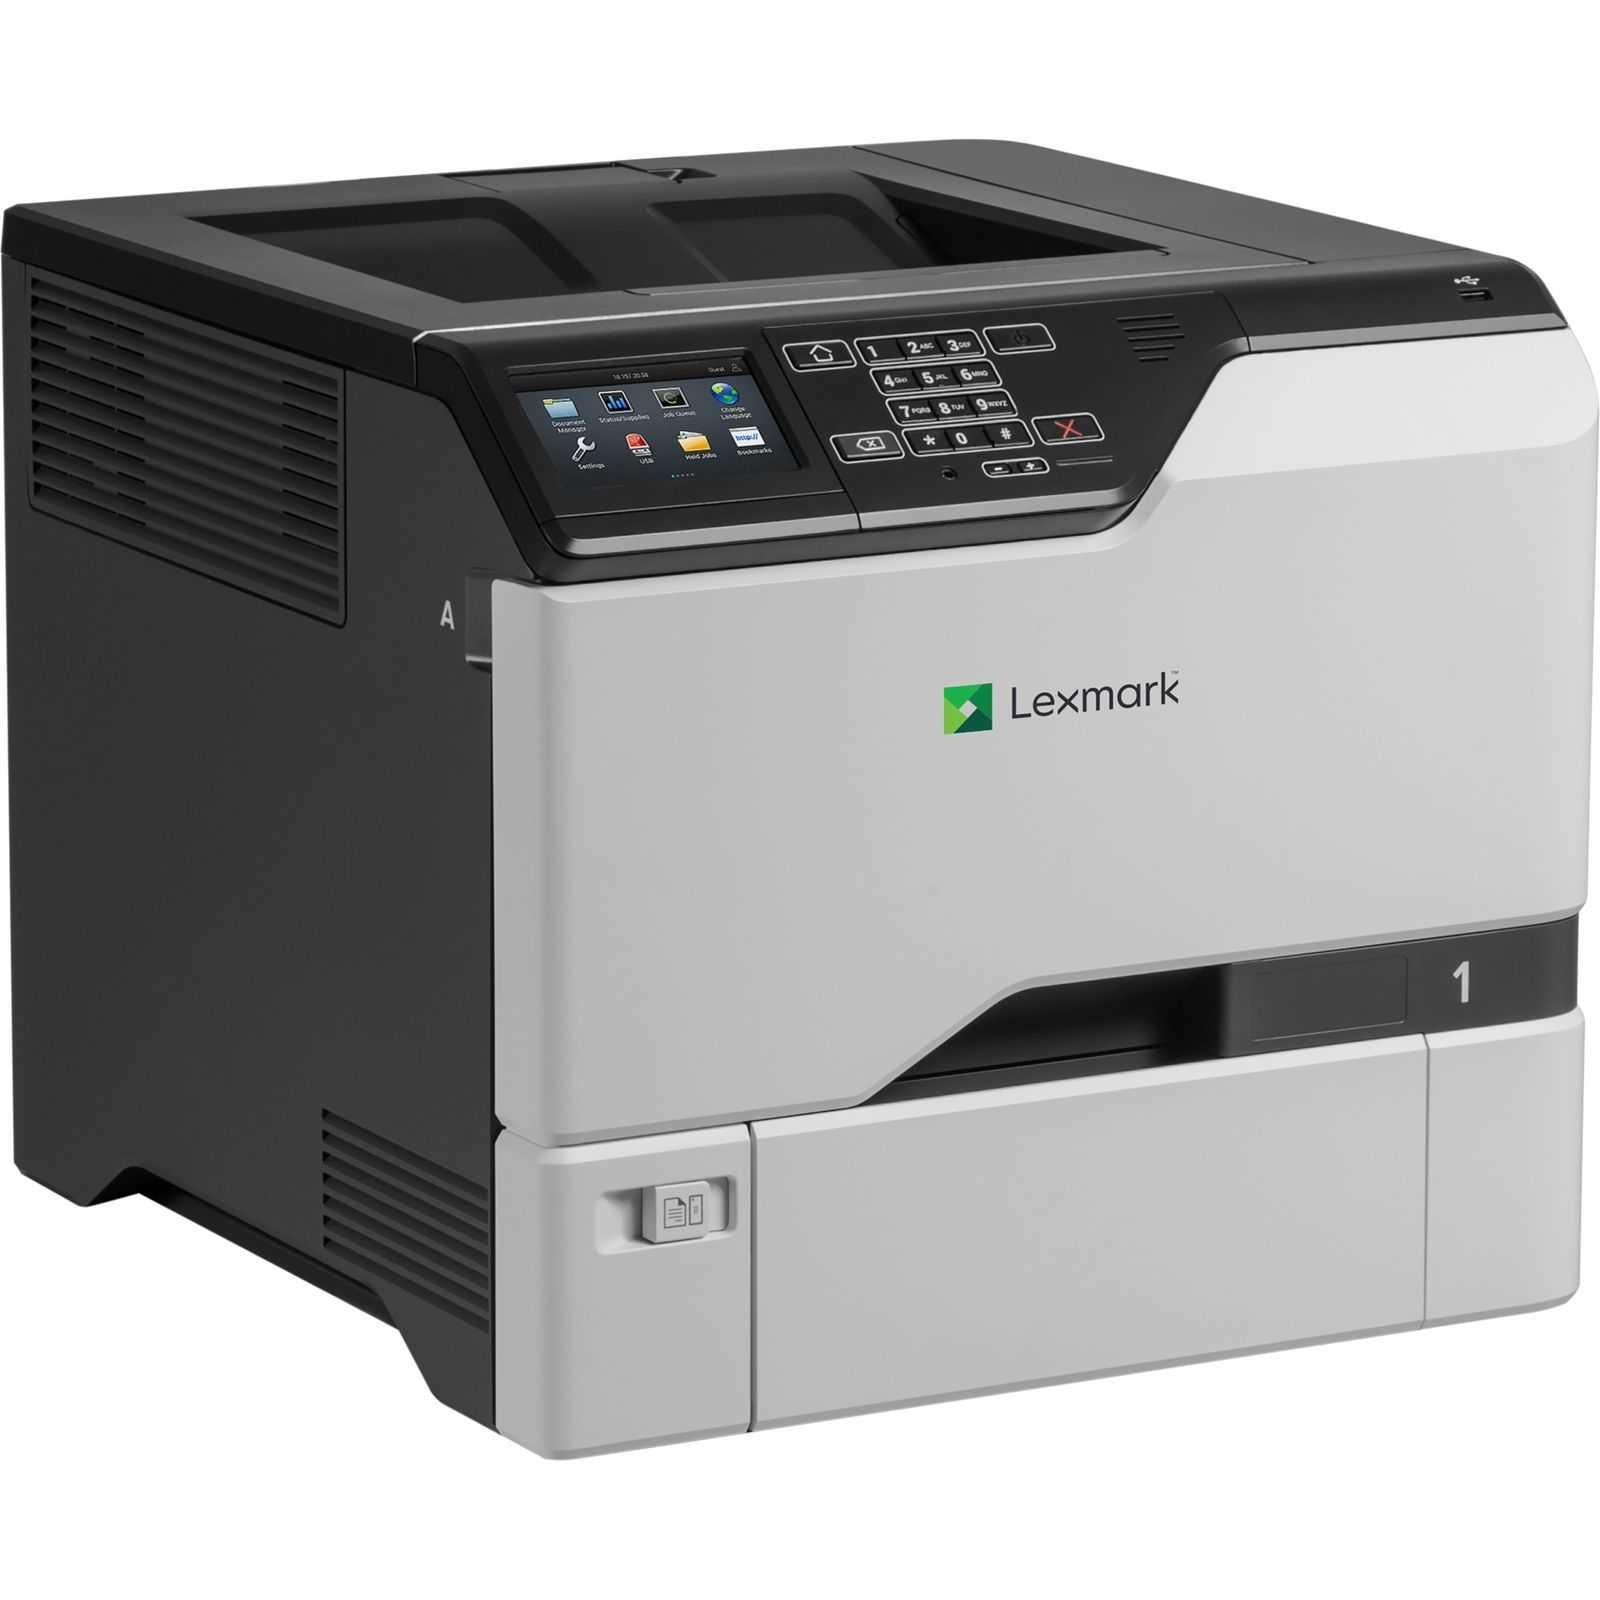 lexmark cs728de a4 farblaserdrucker nur 199 e inkl versand statt 300e